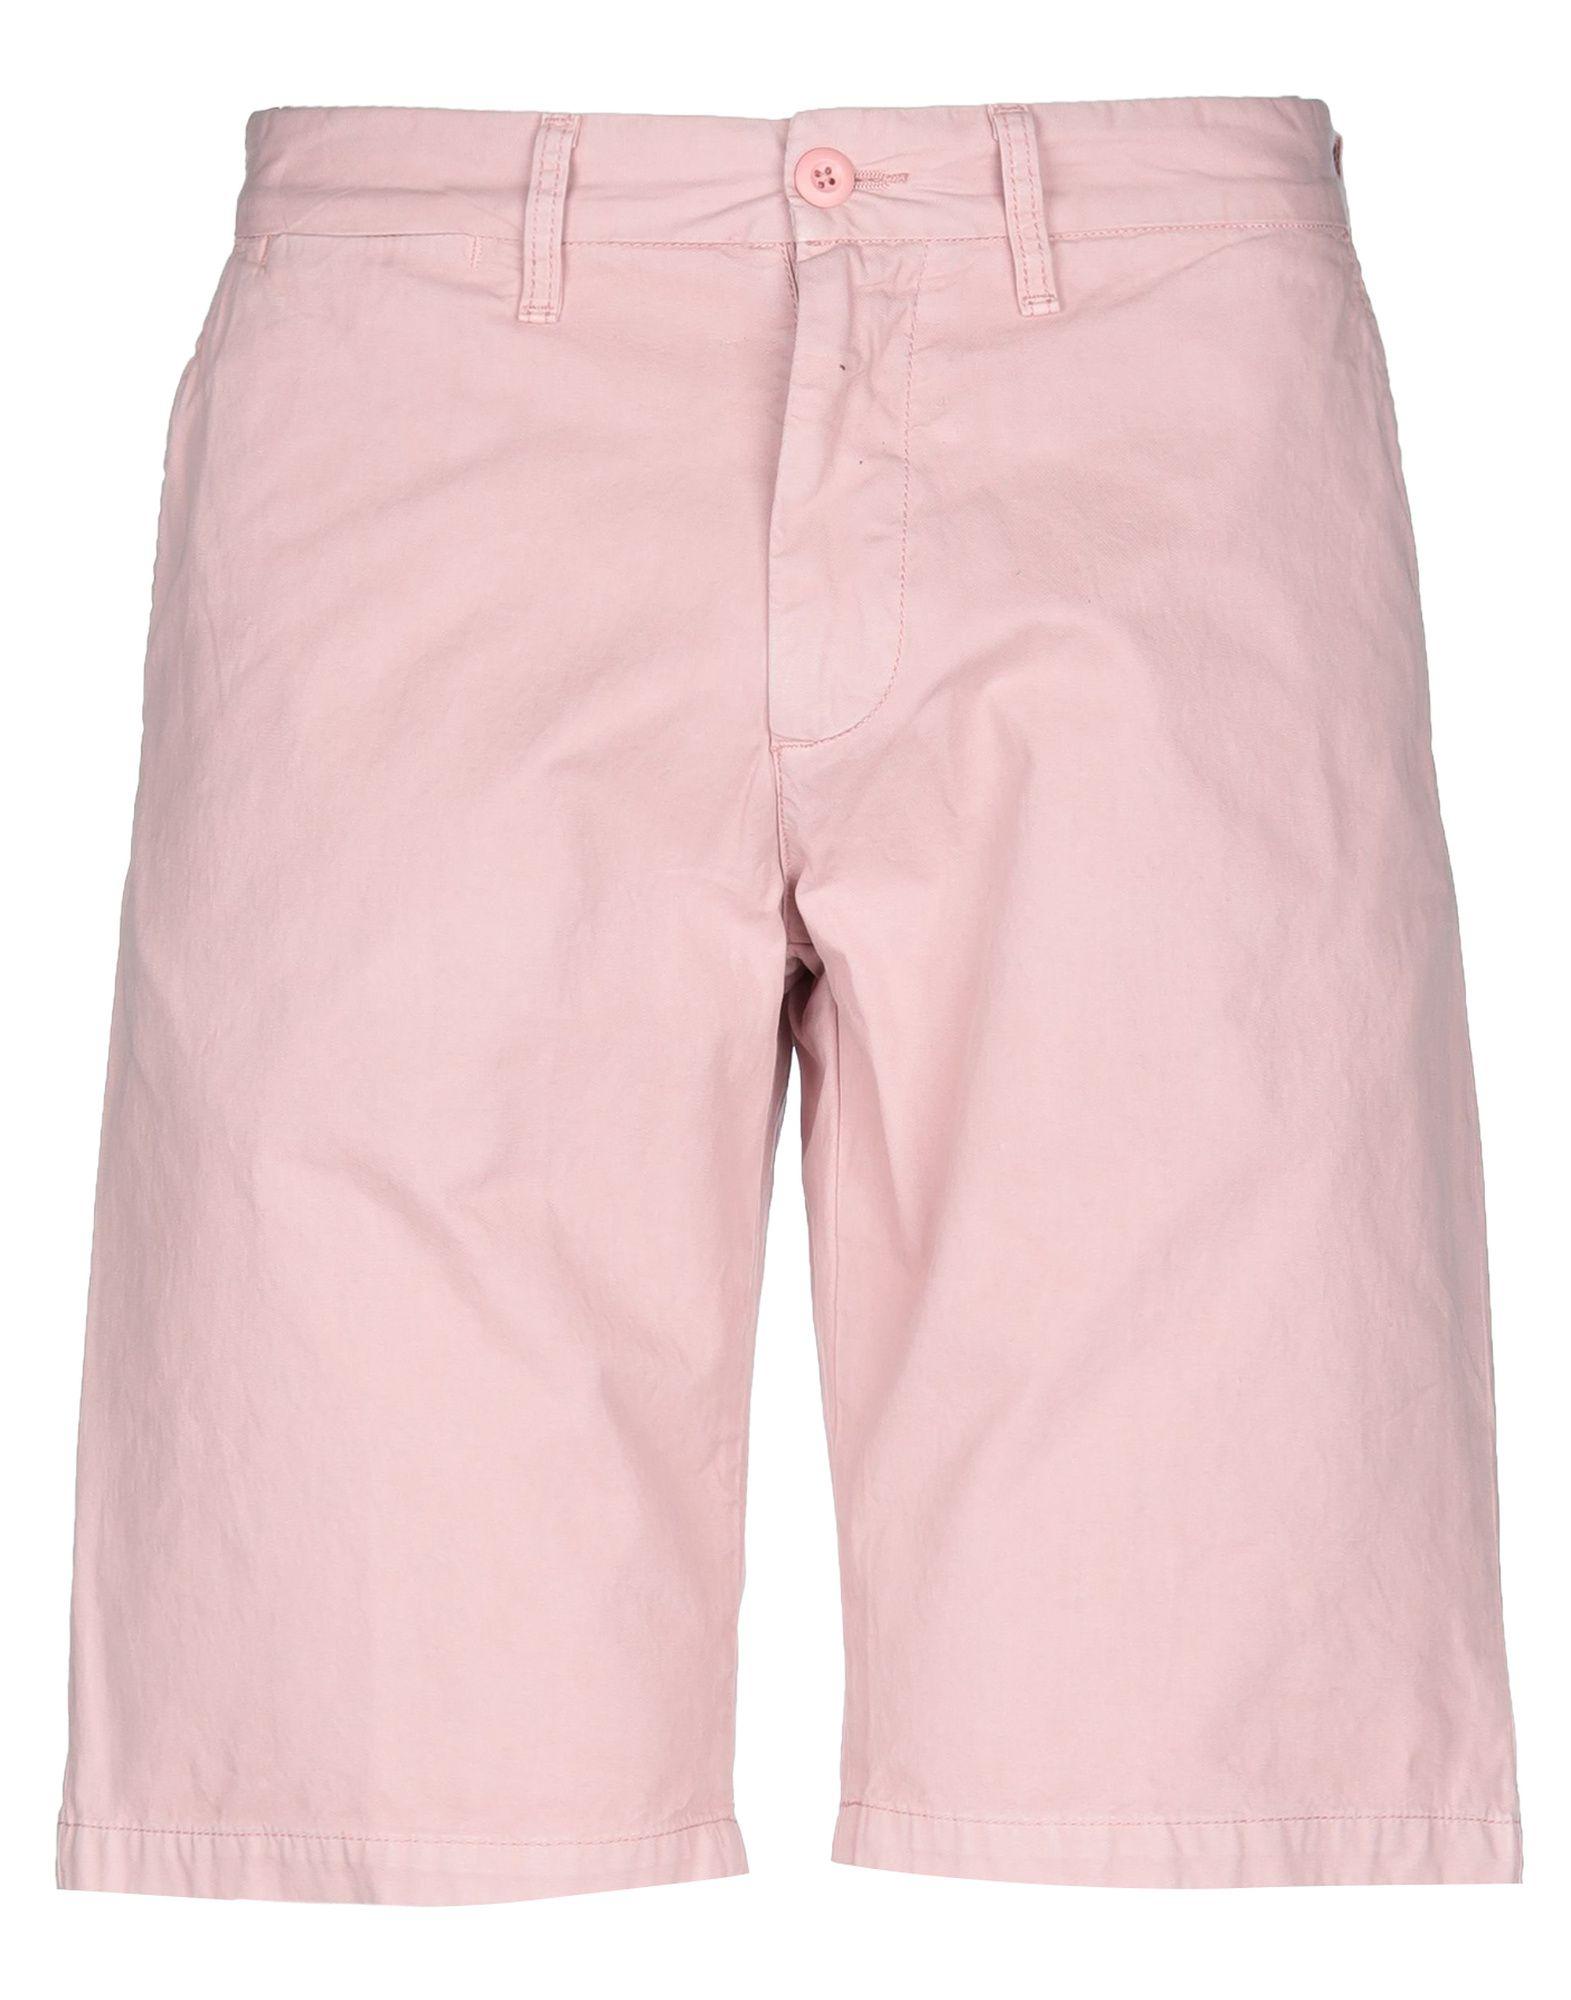 Carhartt Pants BERMUDAS